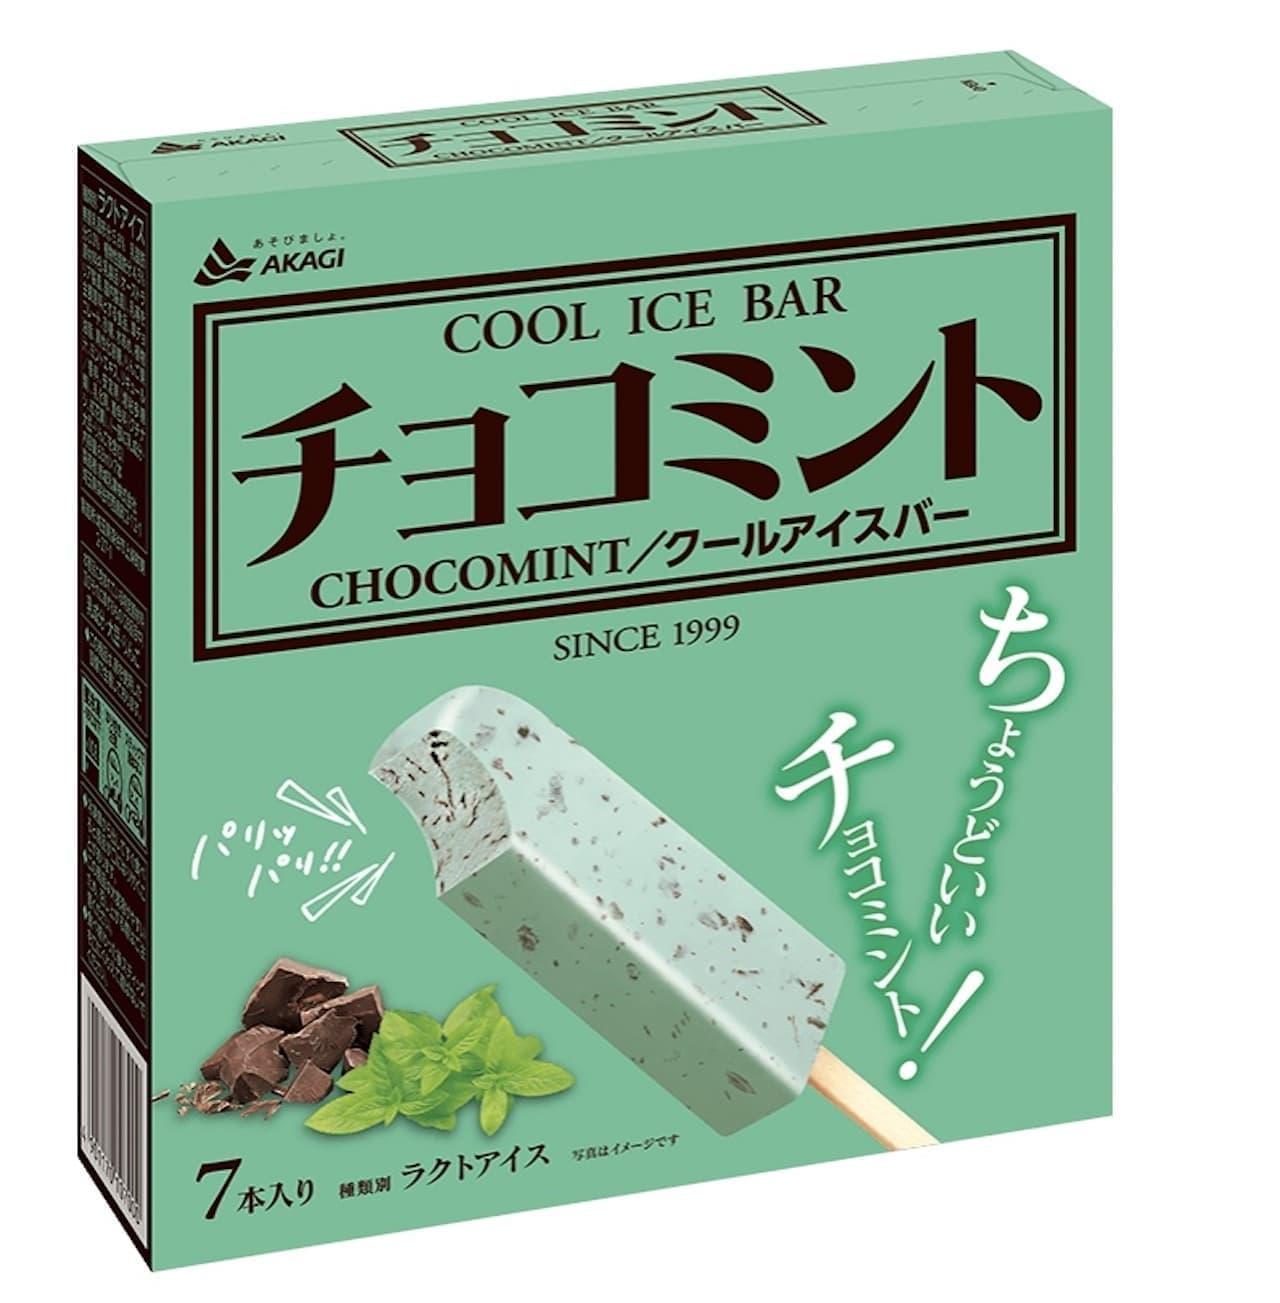 赤城乳業「チョコミント(マルチ)」